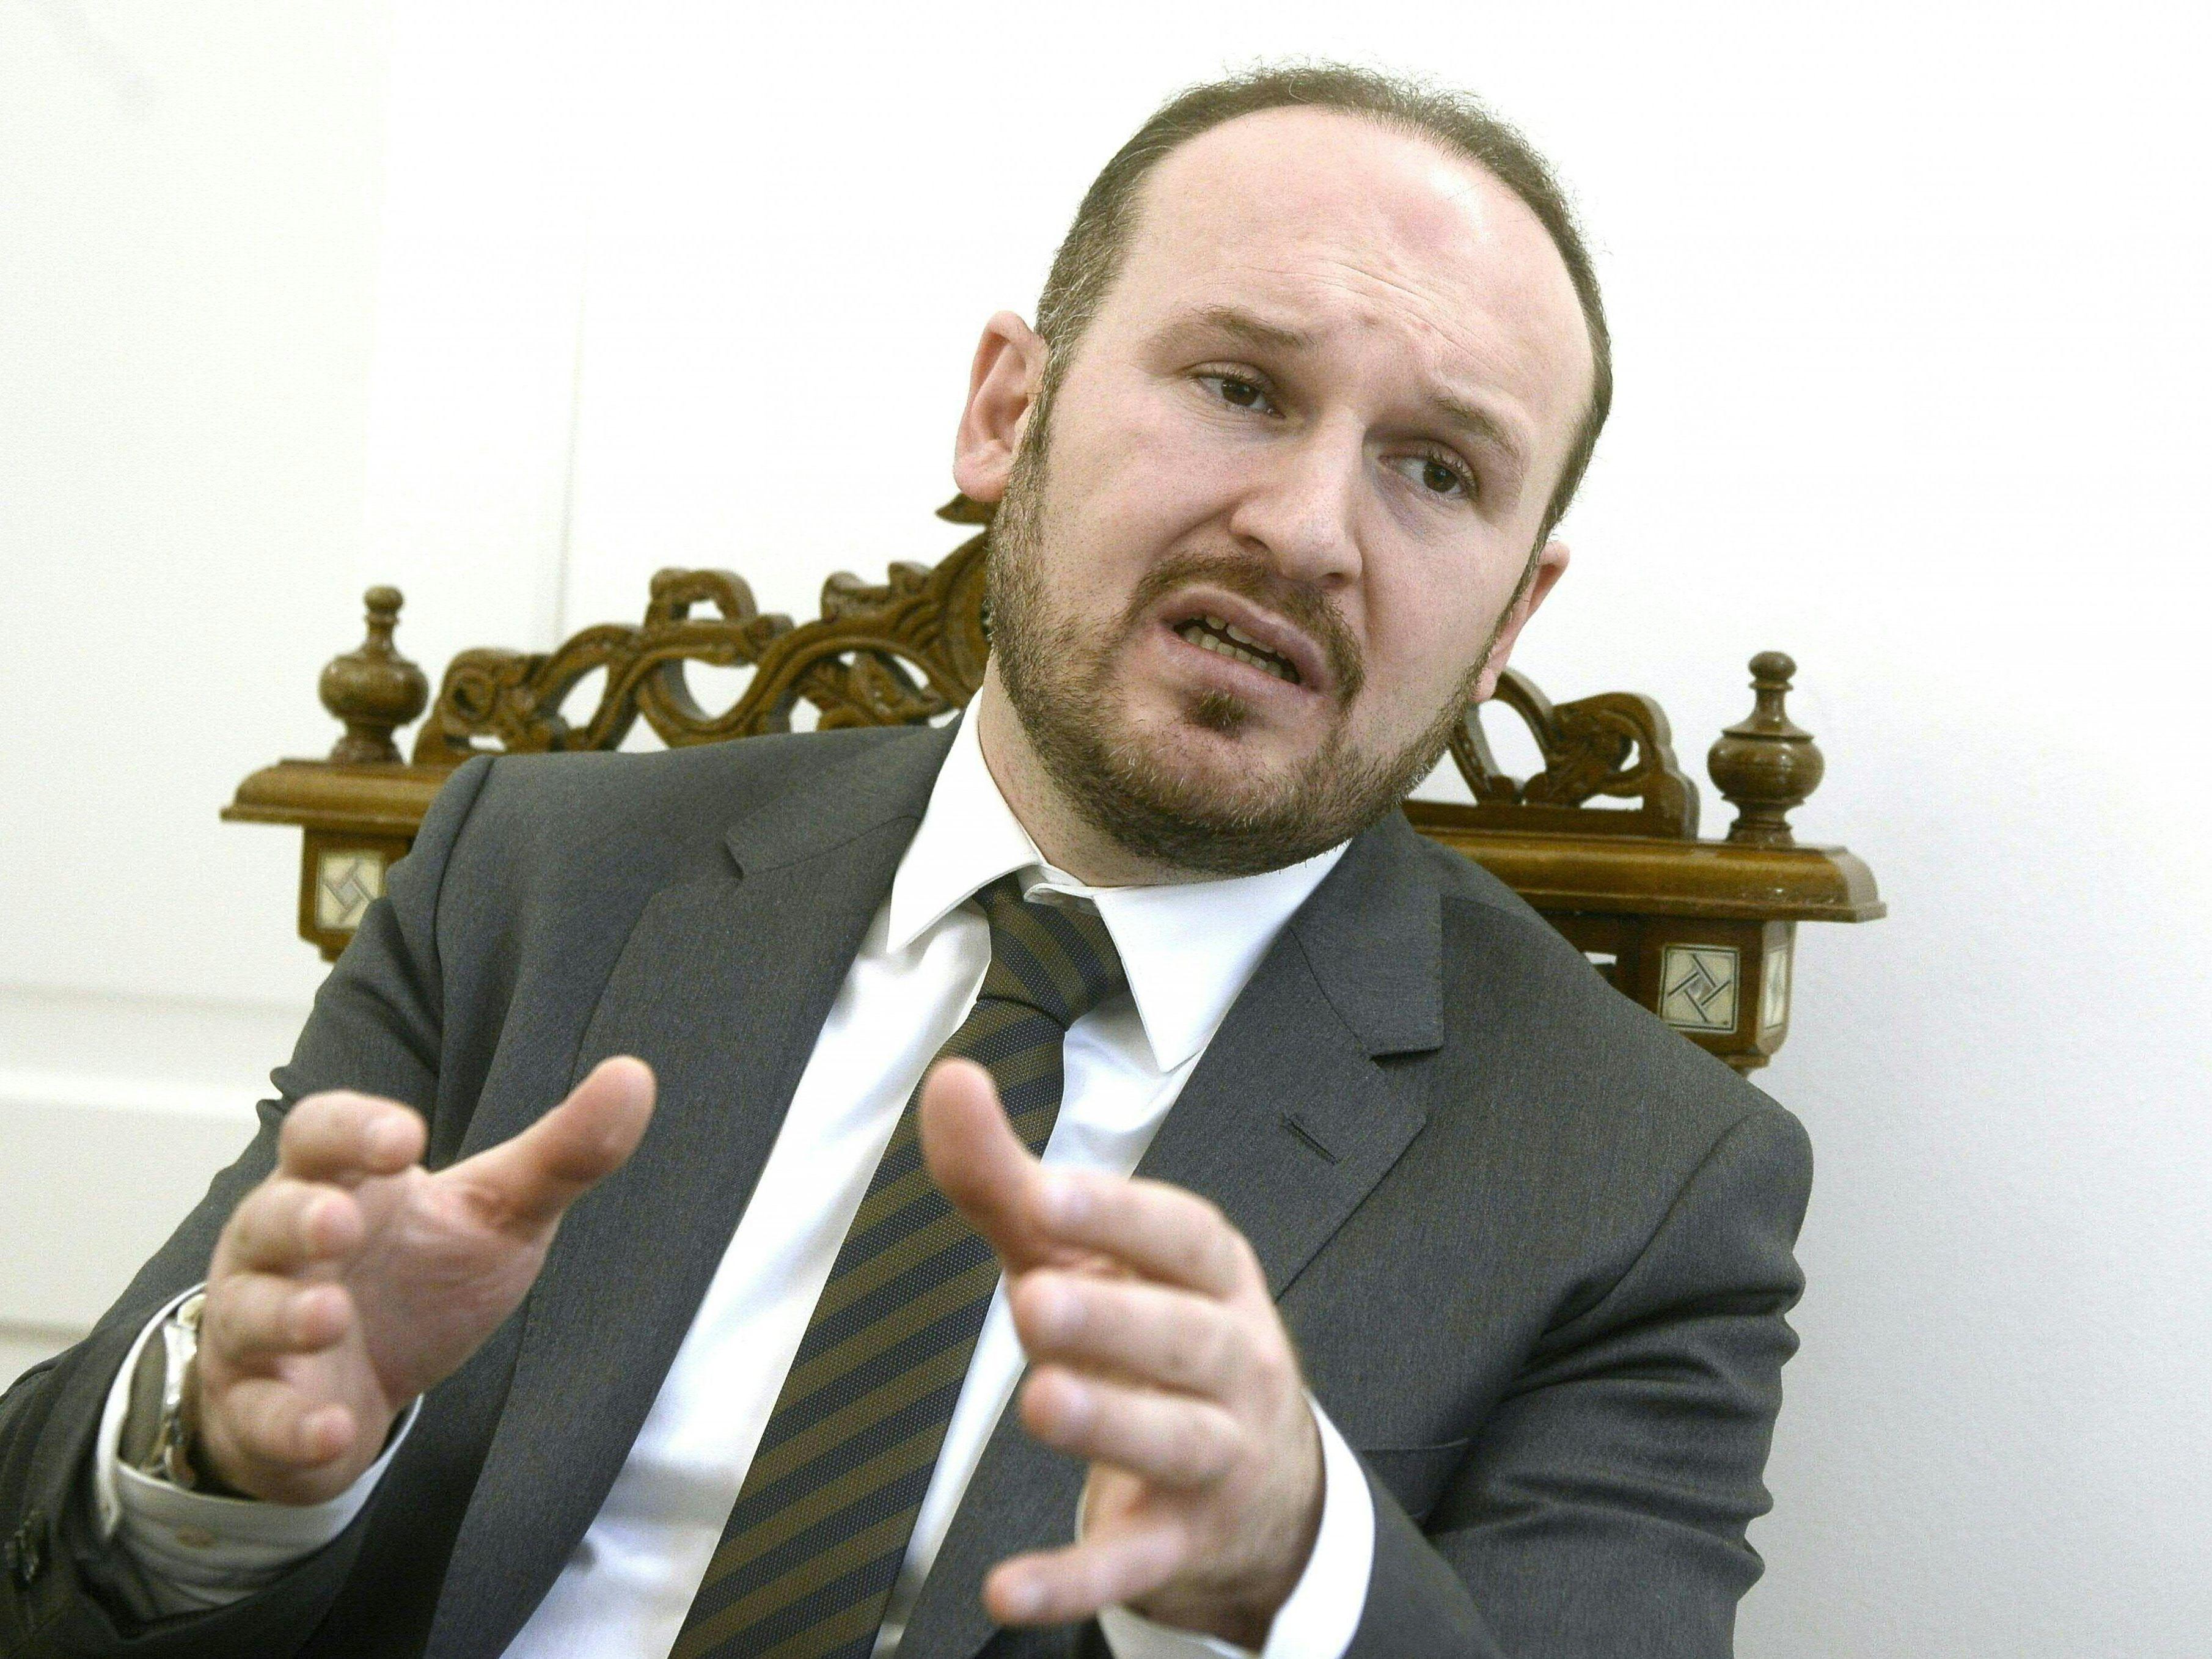 Ümit Vural ist Präsident der islamischen Glaubensgemeinschaft, (IGGÖ).